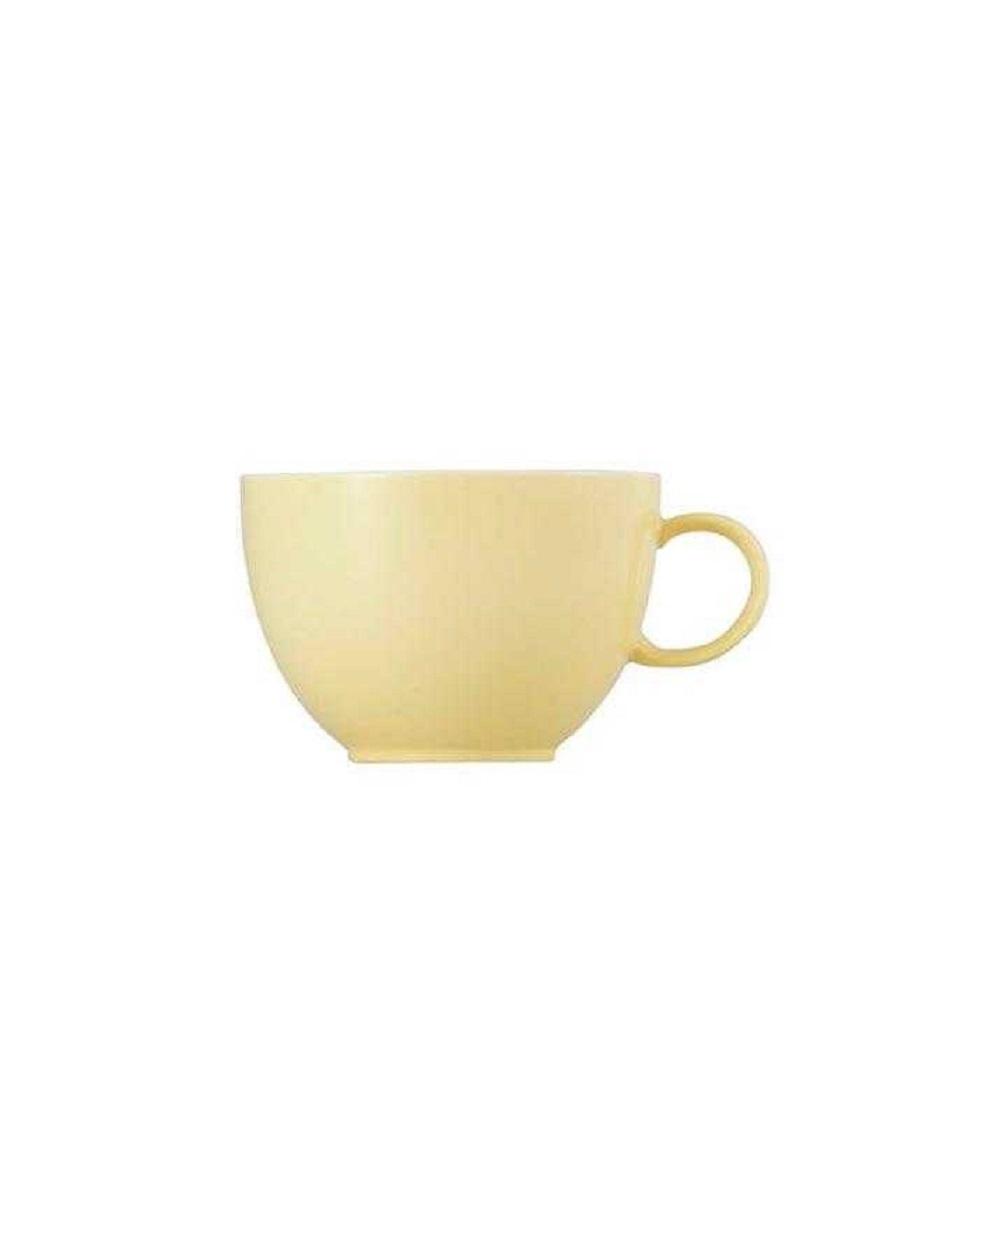 Онлайн каталог PROMENU: Чашка фарфоровая Rosenthal SUNNY DAY, объем 0,2 л, желтый Rosenthal 70850-408511-14642